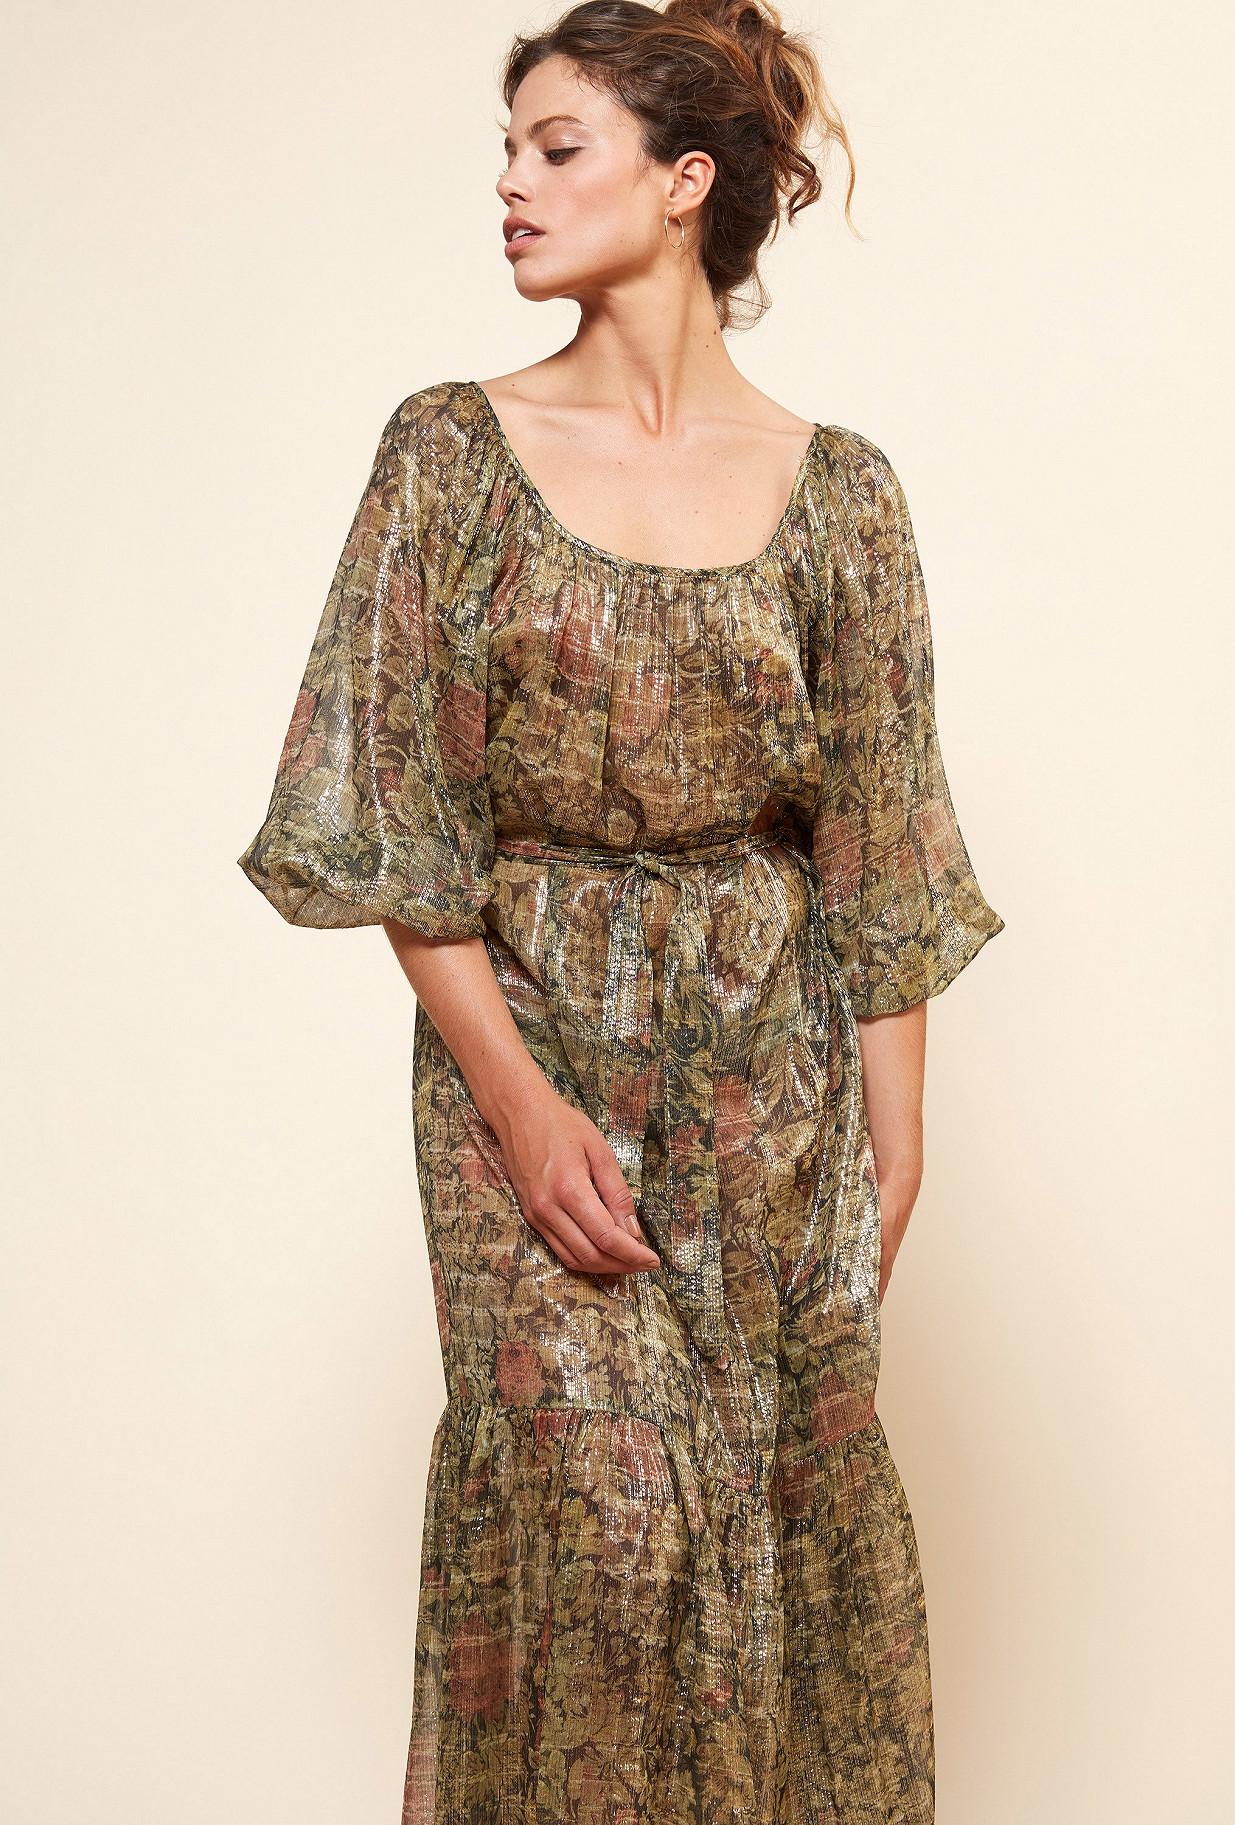 Floral print Dress Paturage Mes Demoiselles Paris